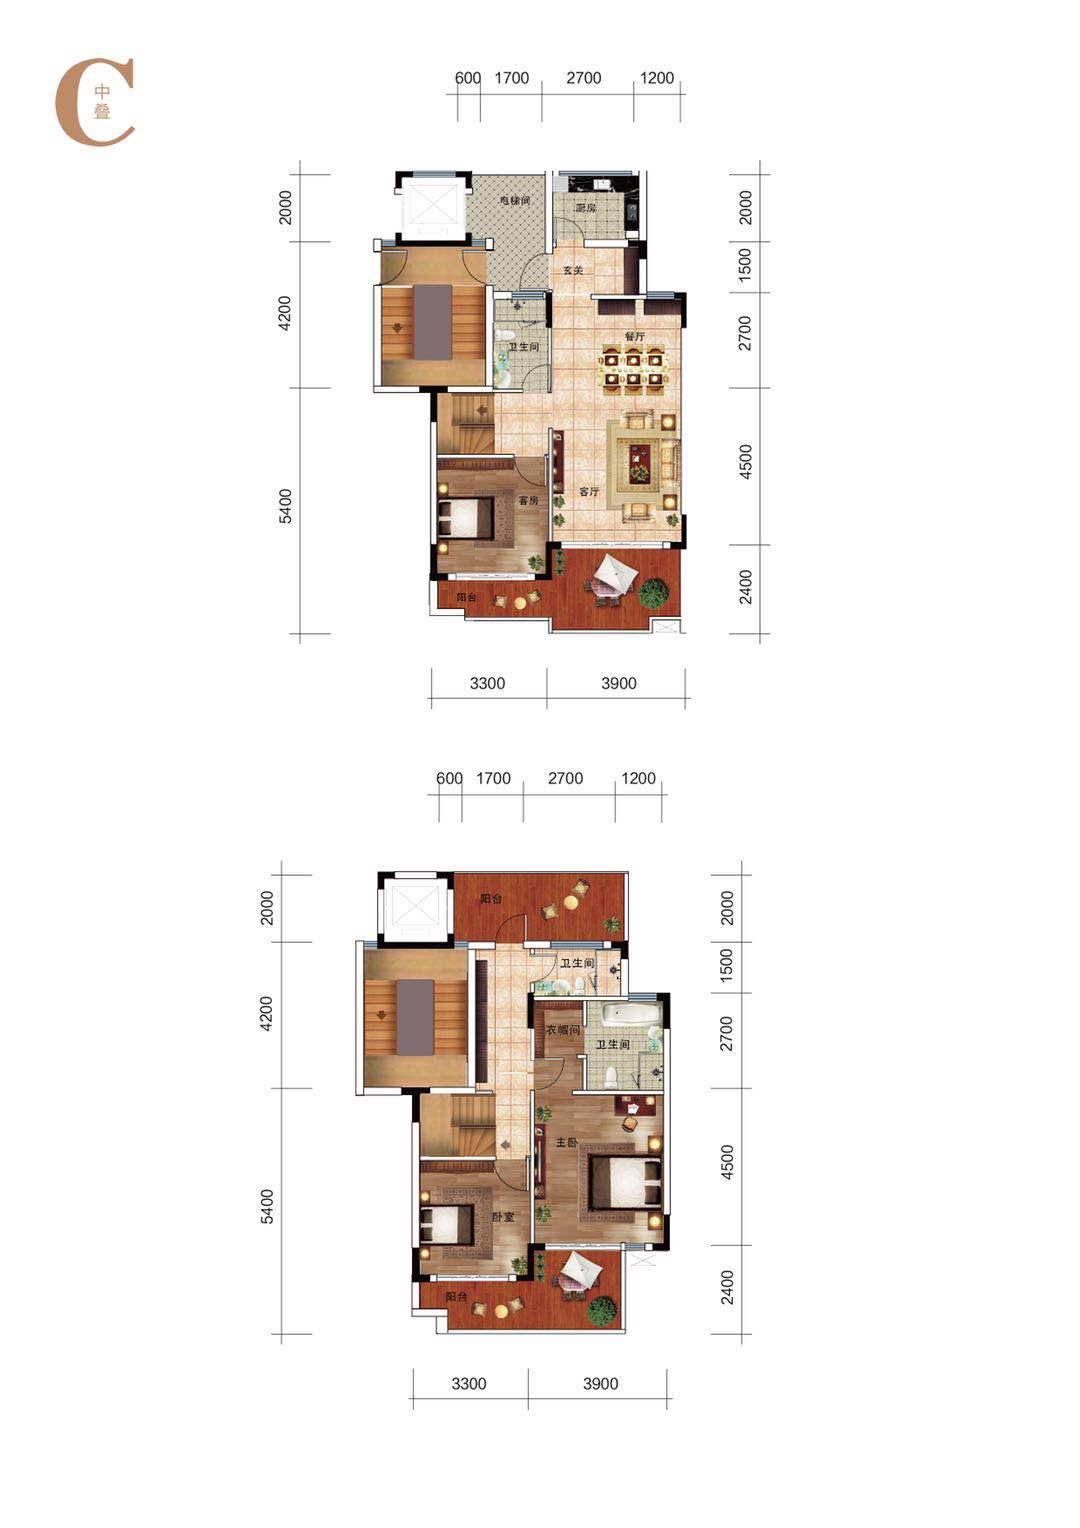 海南怡海湾C1:叠拼别墅户型(中叠)3室3卫建筑面积160㎡